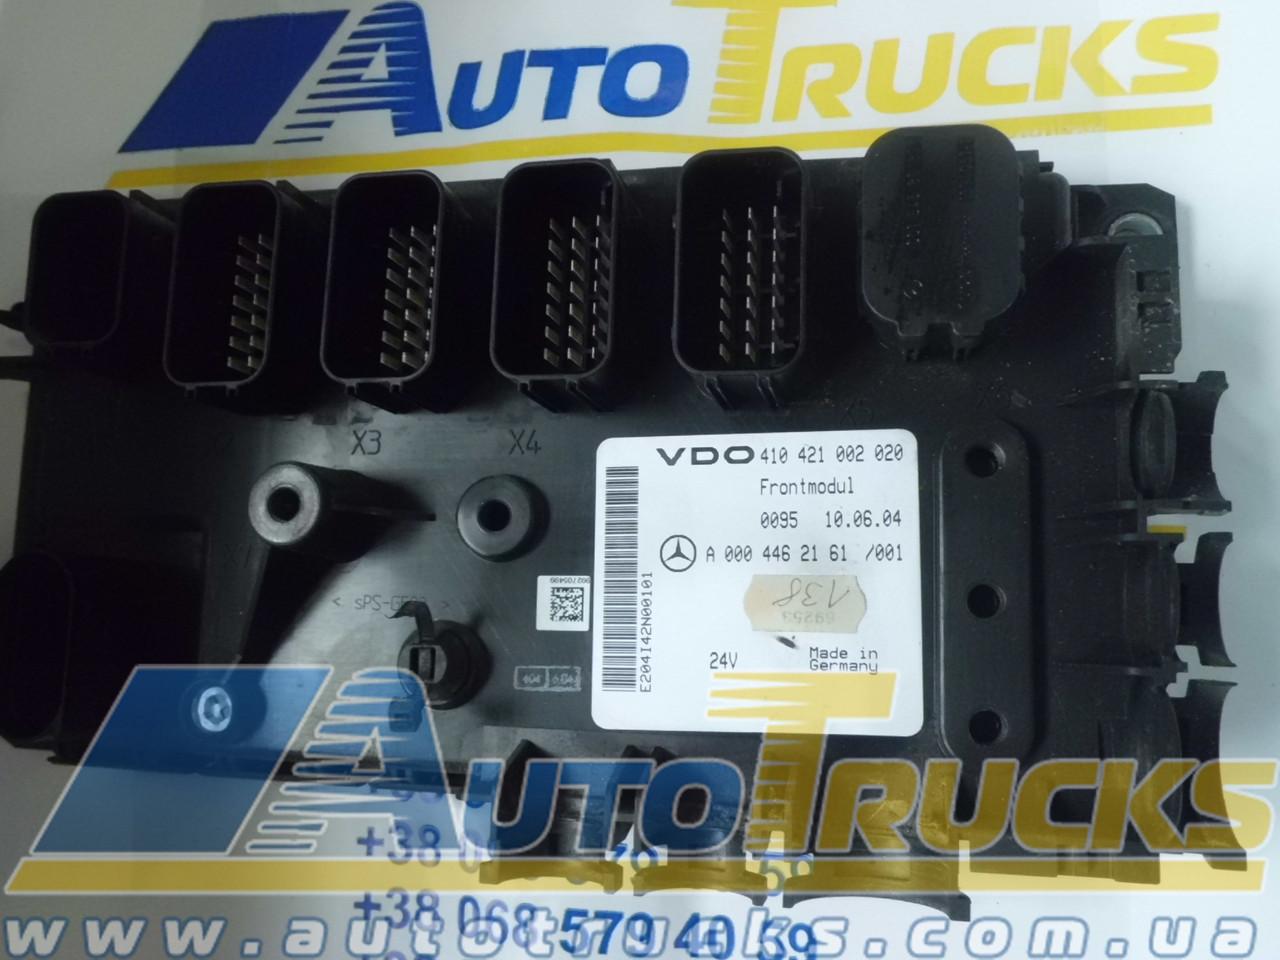 Блок управления VDO 410421002020; MB 0004462161 Б/у для Mercedes-Benz (410421002020; 0004462161)